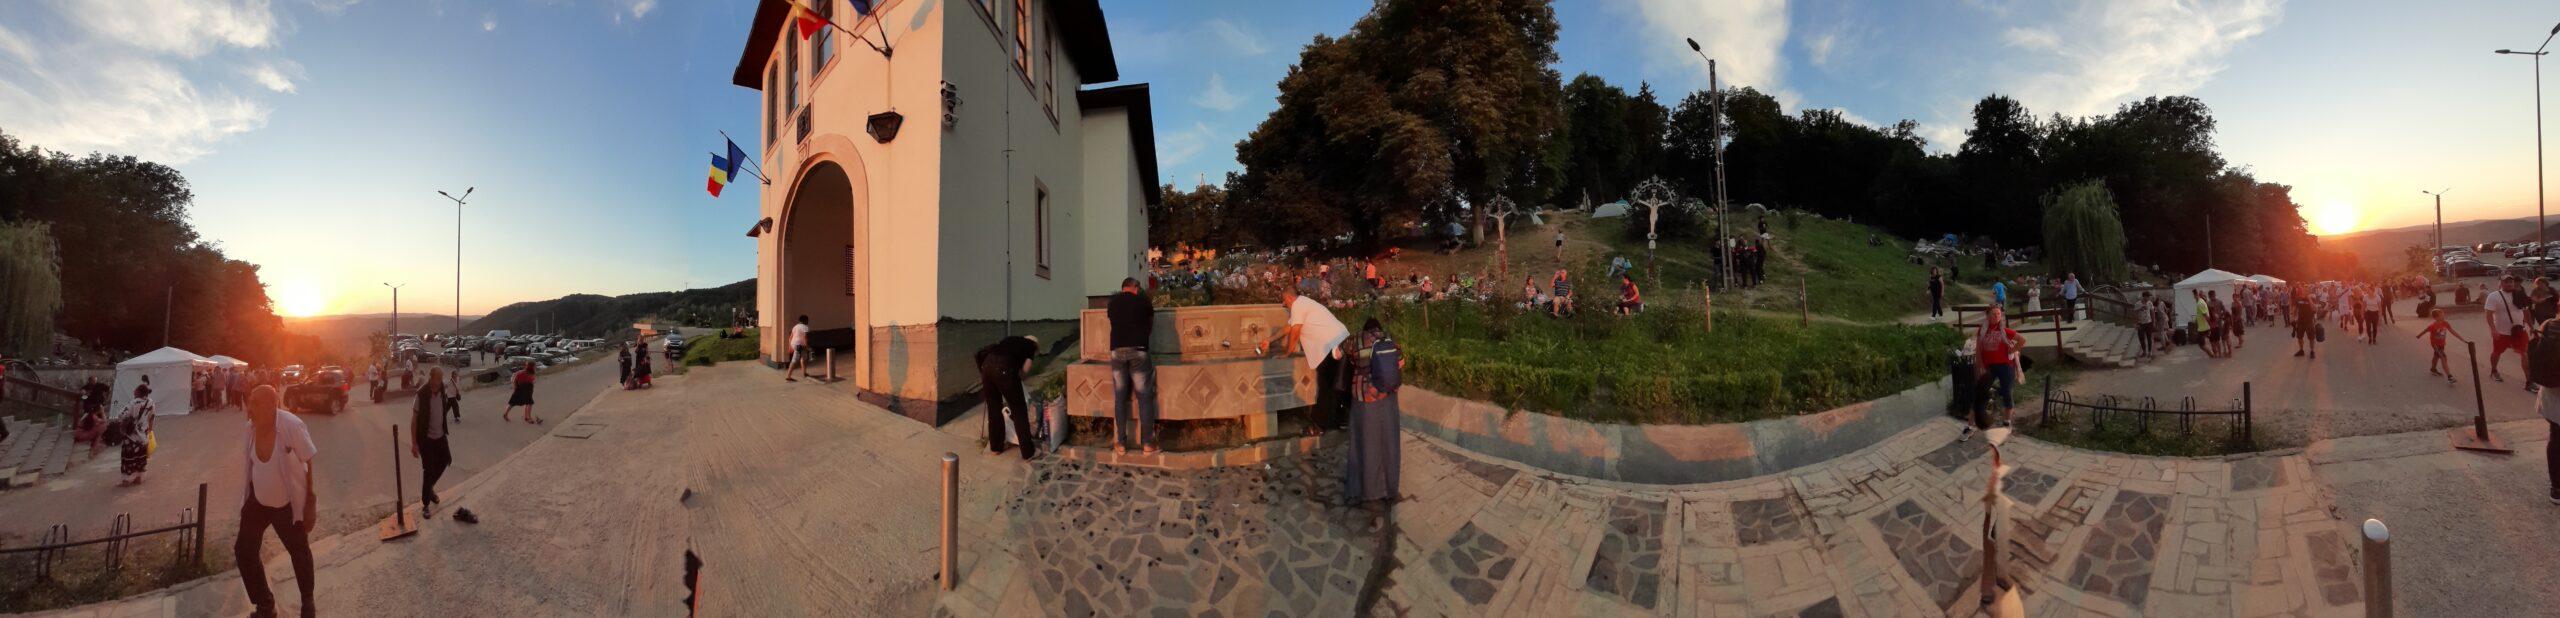 15 august și micul meu pelerinaj la Mănăstirea Nicula